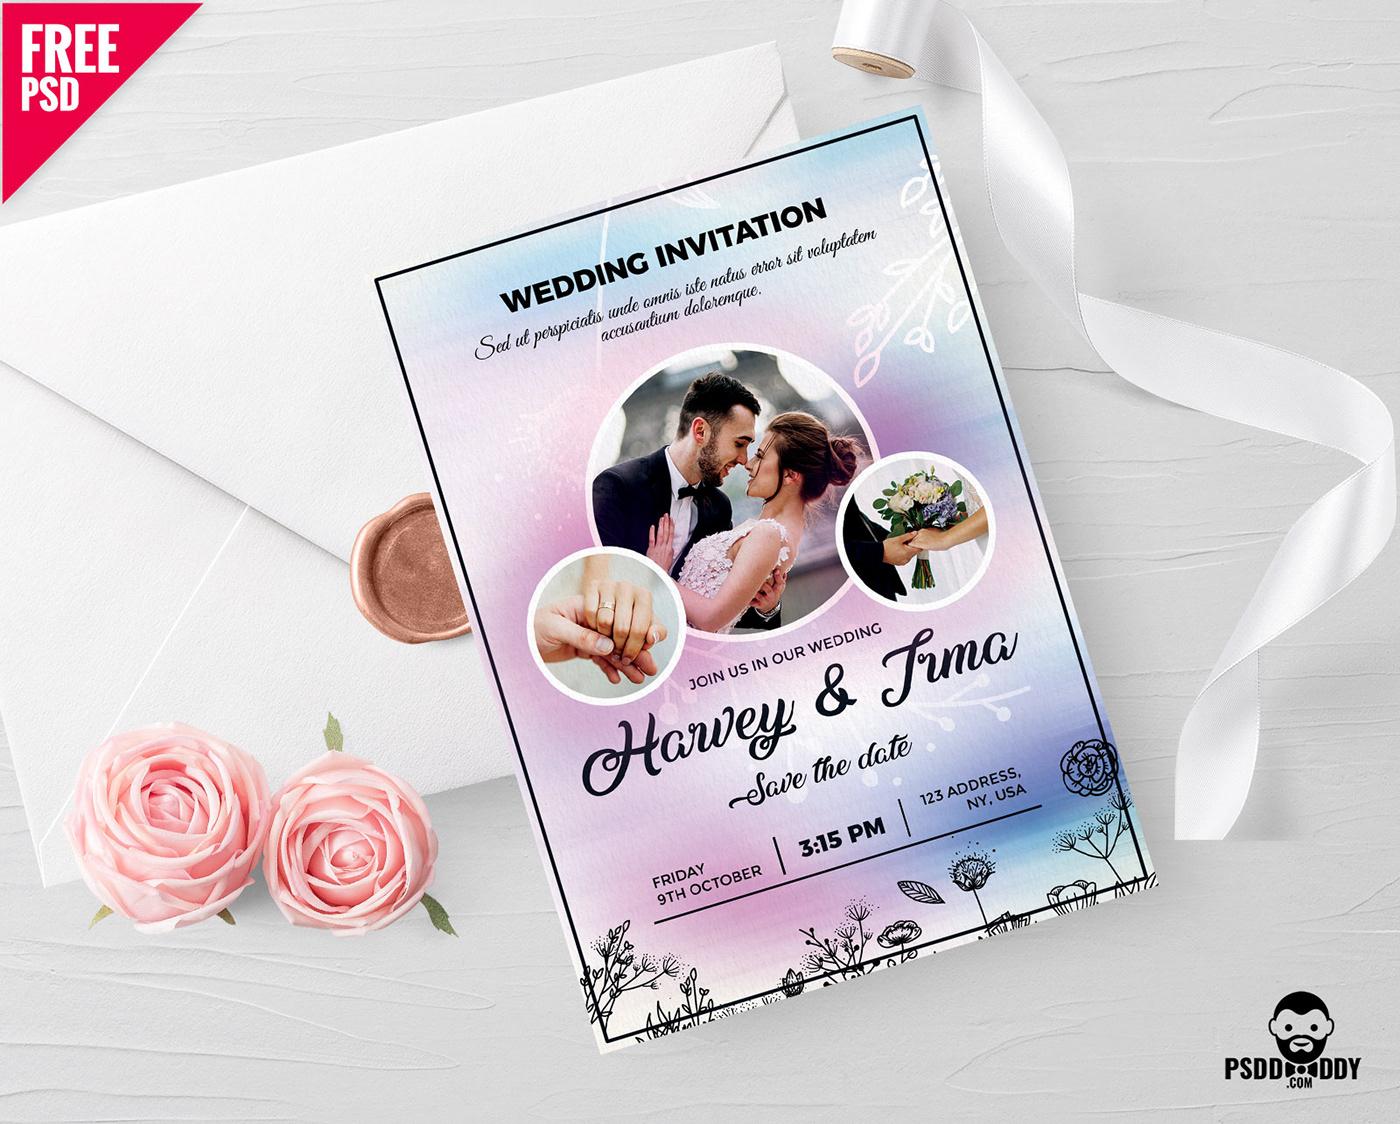 wedding Invitation marriage card psd freebie download Wedding Card Invitation invite flower ribbon